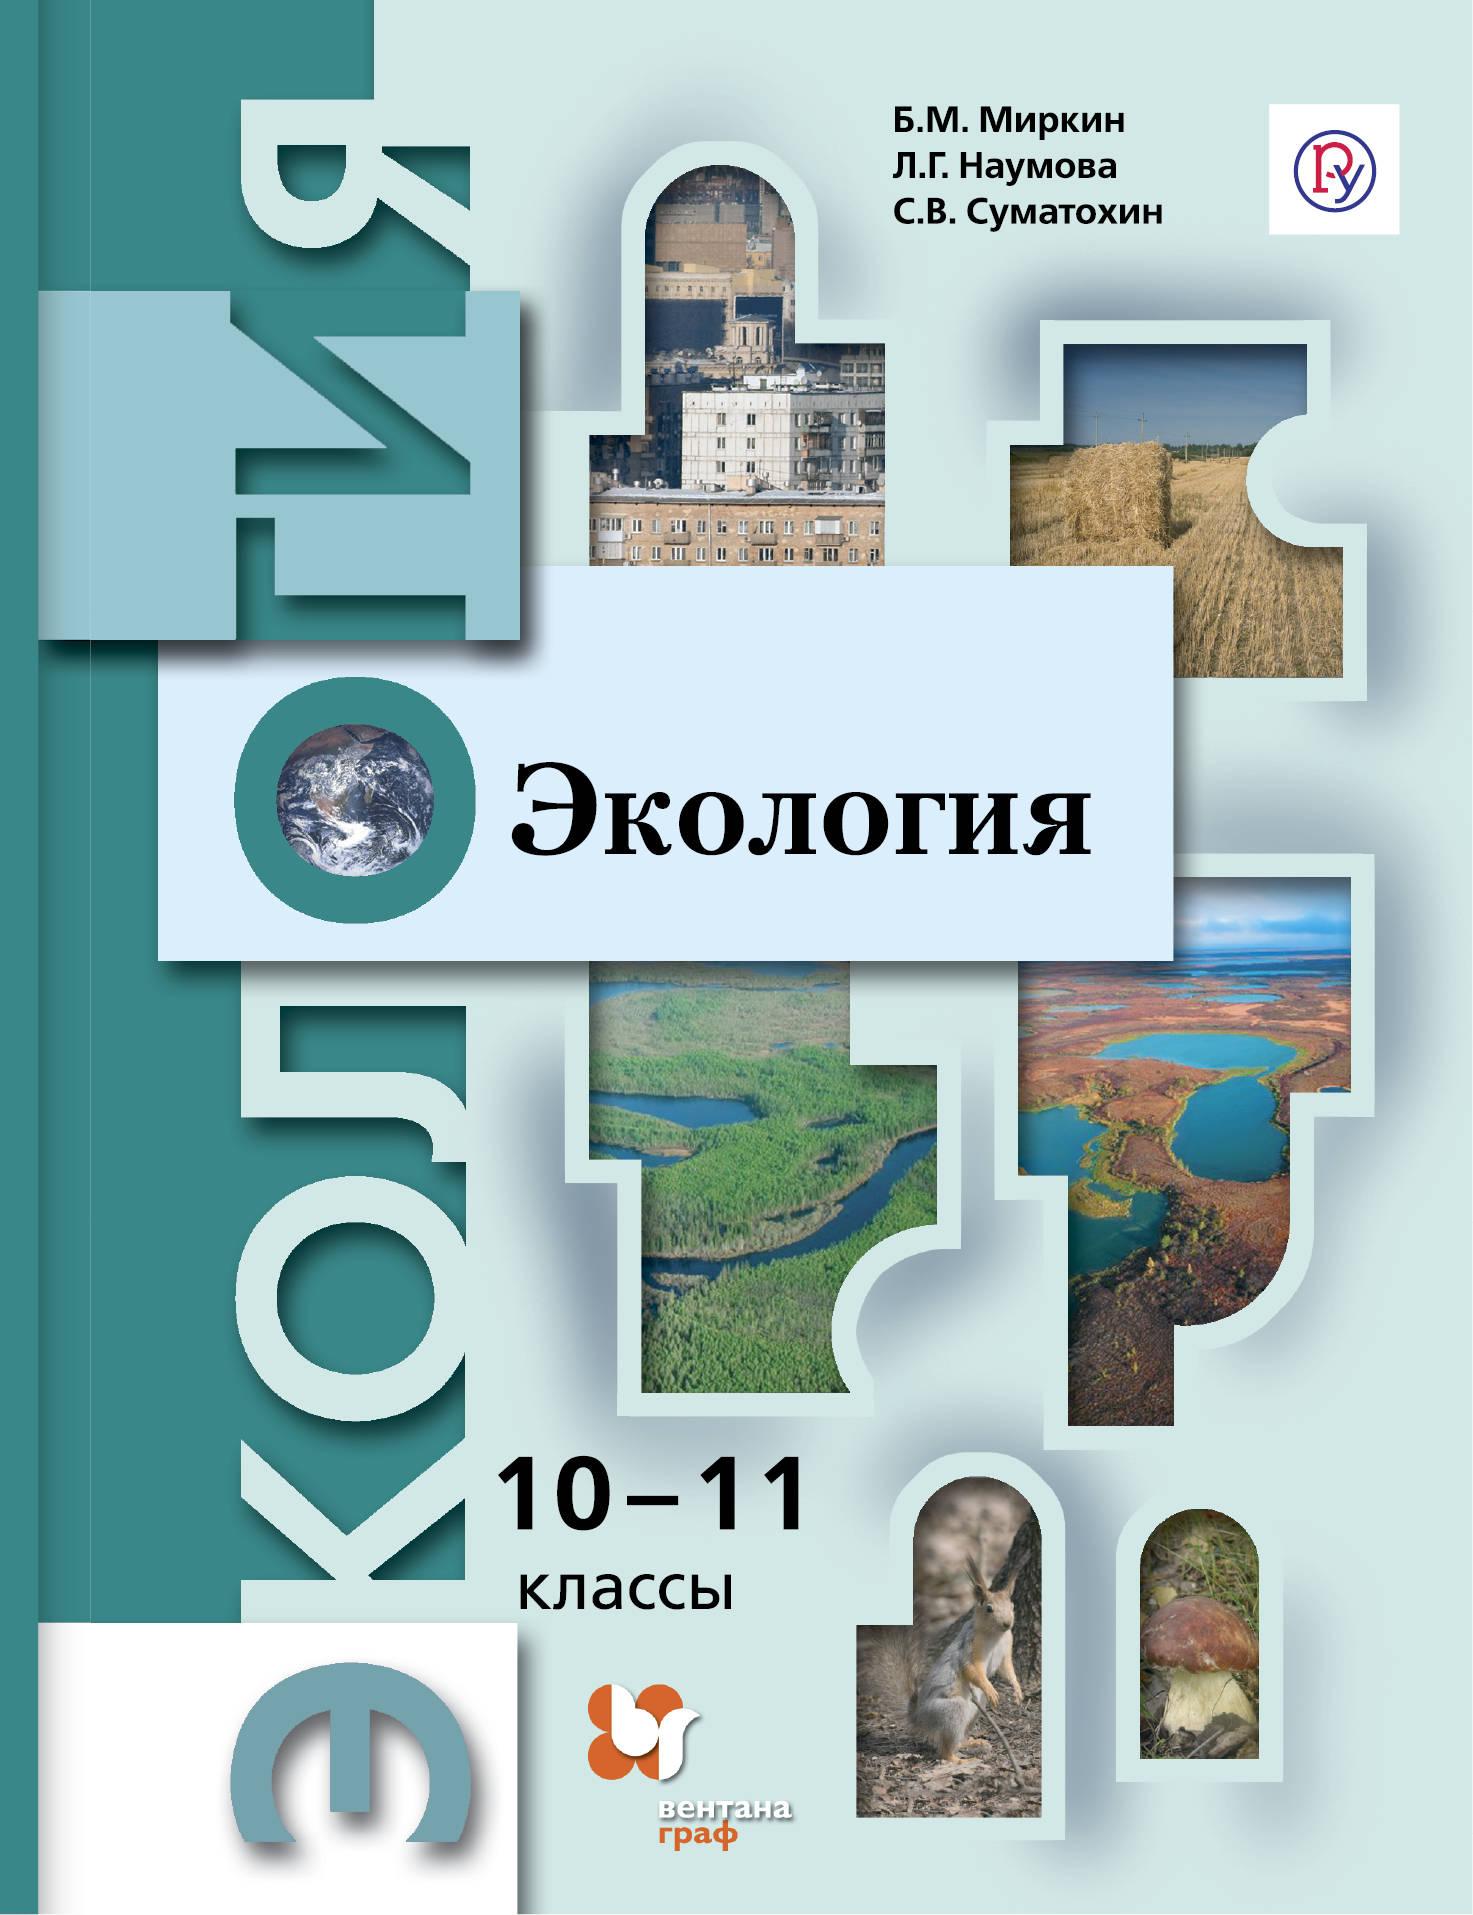 цена на Б. М. Миркин,Л. Г. Наумова,С. В. Суматохин Экология. Базовый уровень. 10-11класс. Учебник